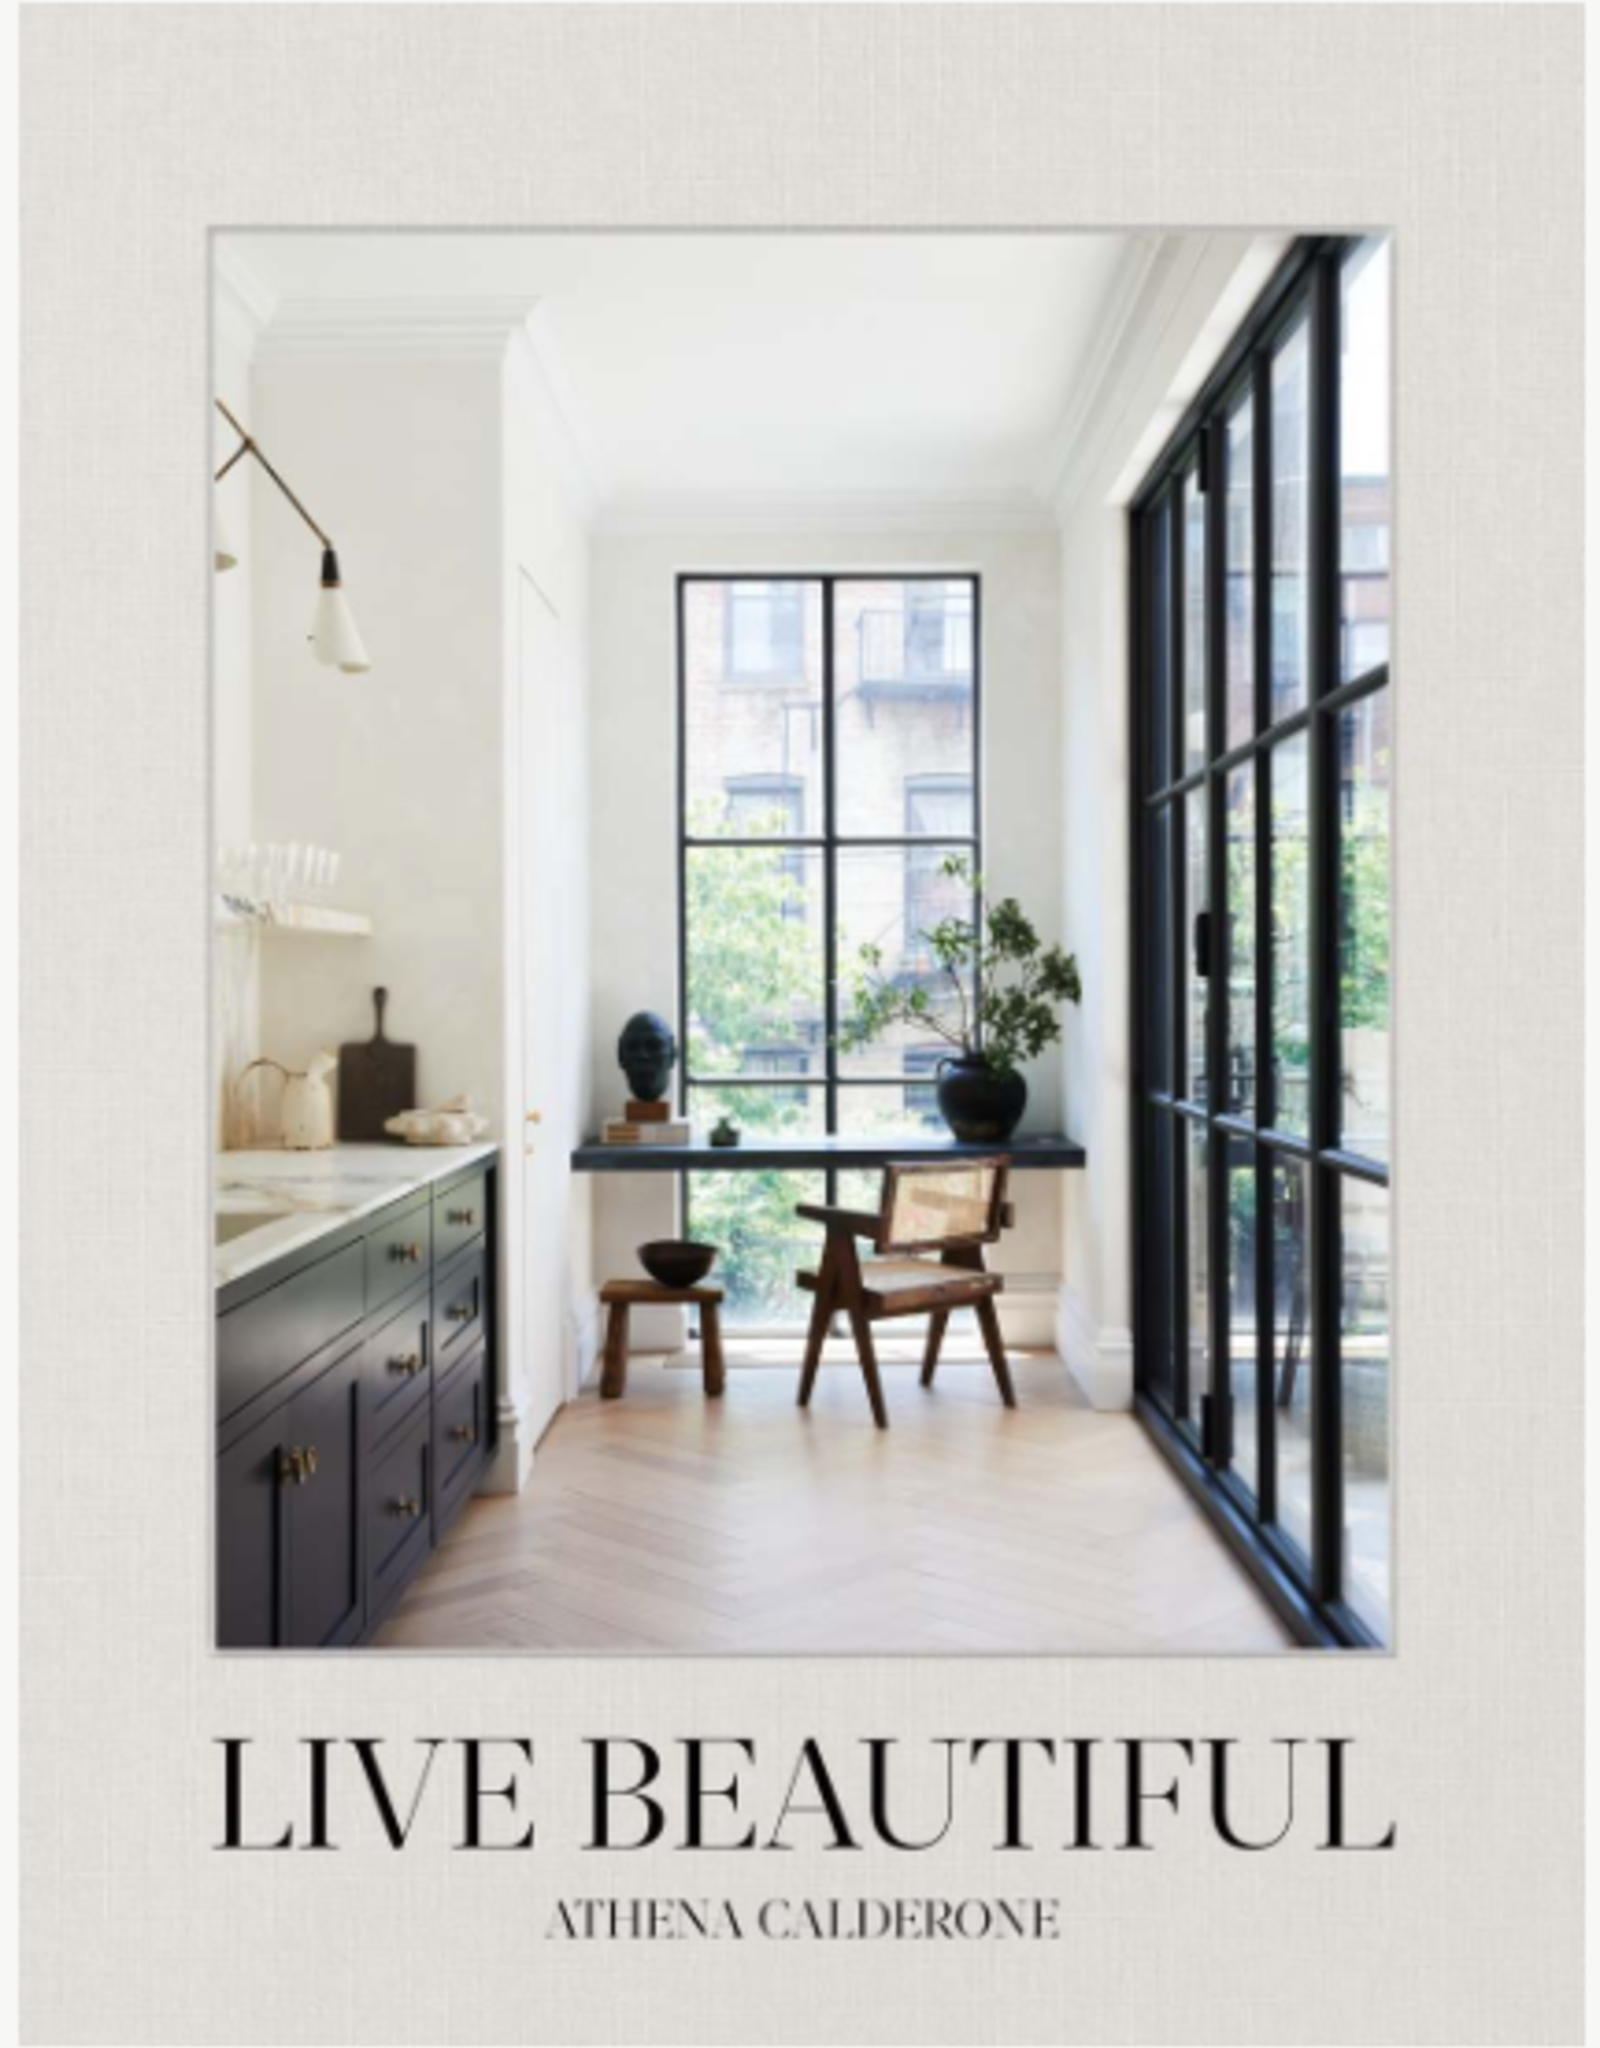 Website Live Beautiful